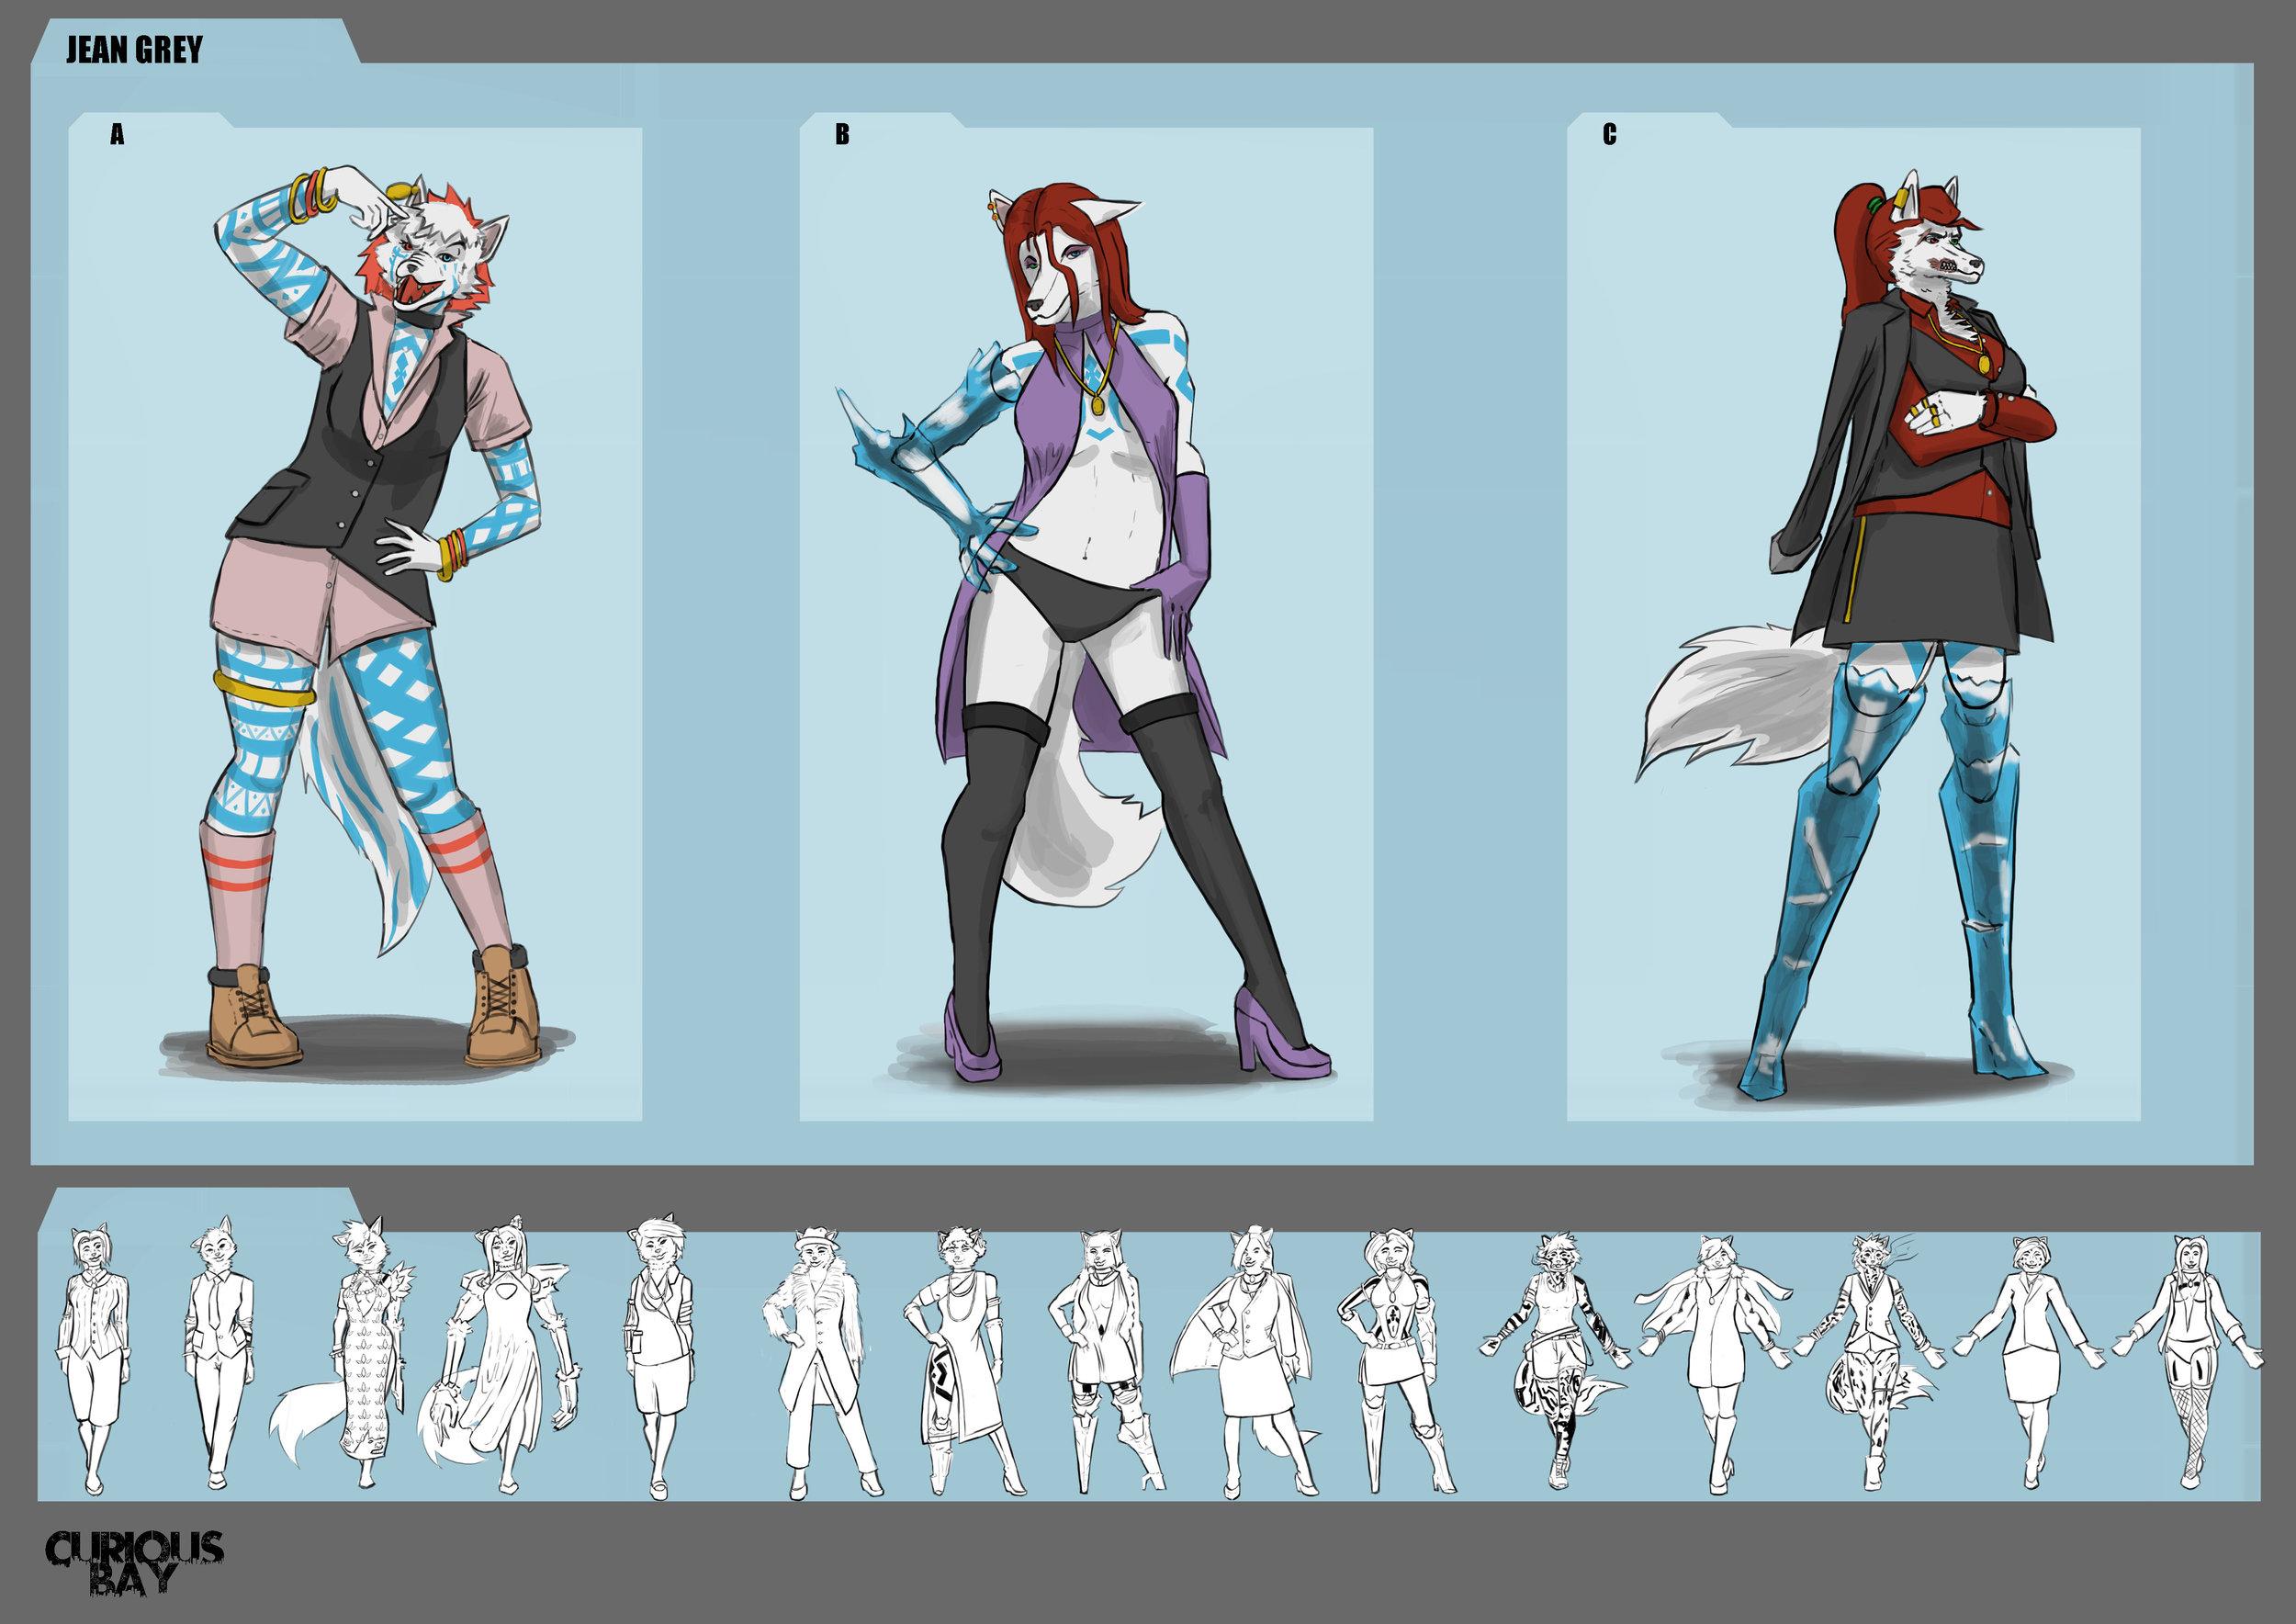 Production_Design_Week07_Nha_Lue_Vang_08.jpg